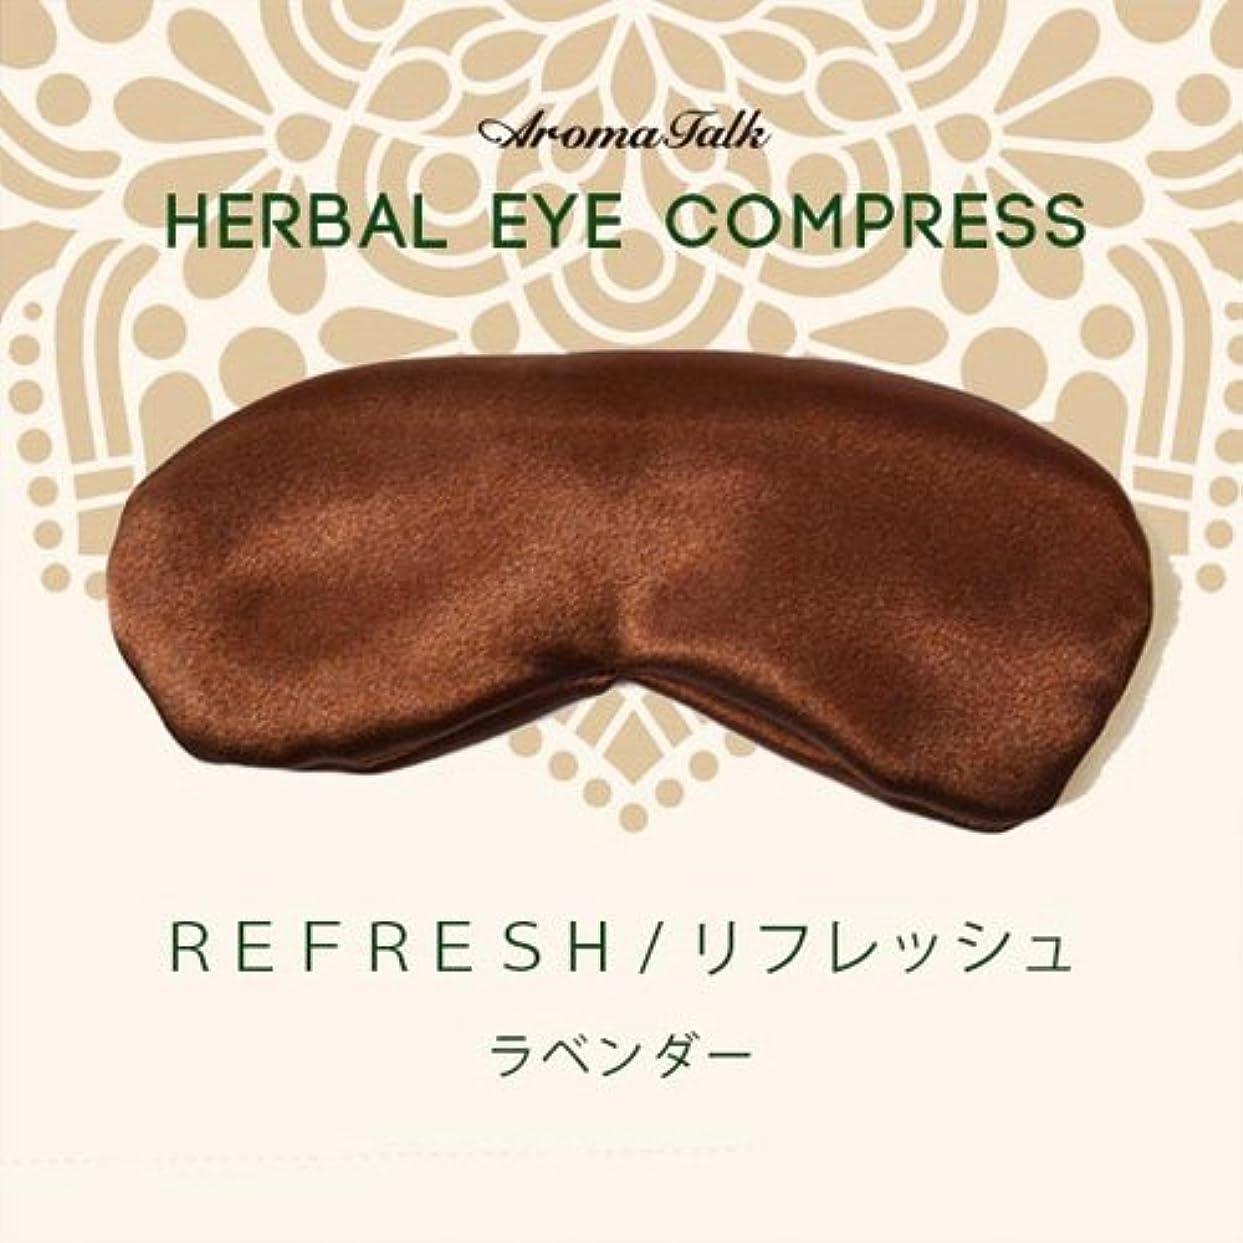 ターゲットパイプ流暢ハーバルアイコンプレス「リフレッシュ」茶/ラベンダーの爽やかなリラックスできる香り